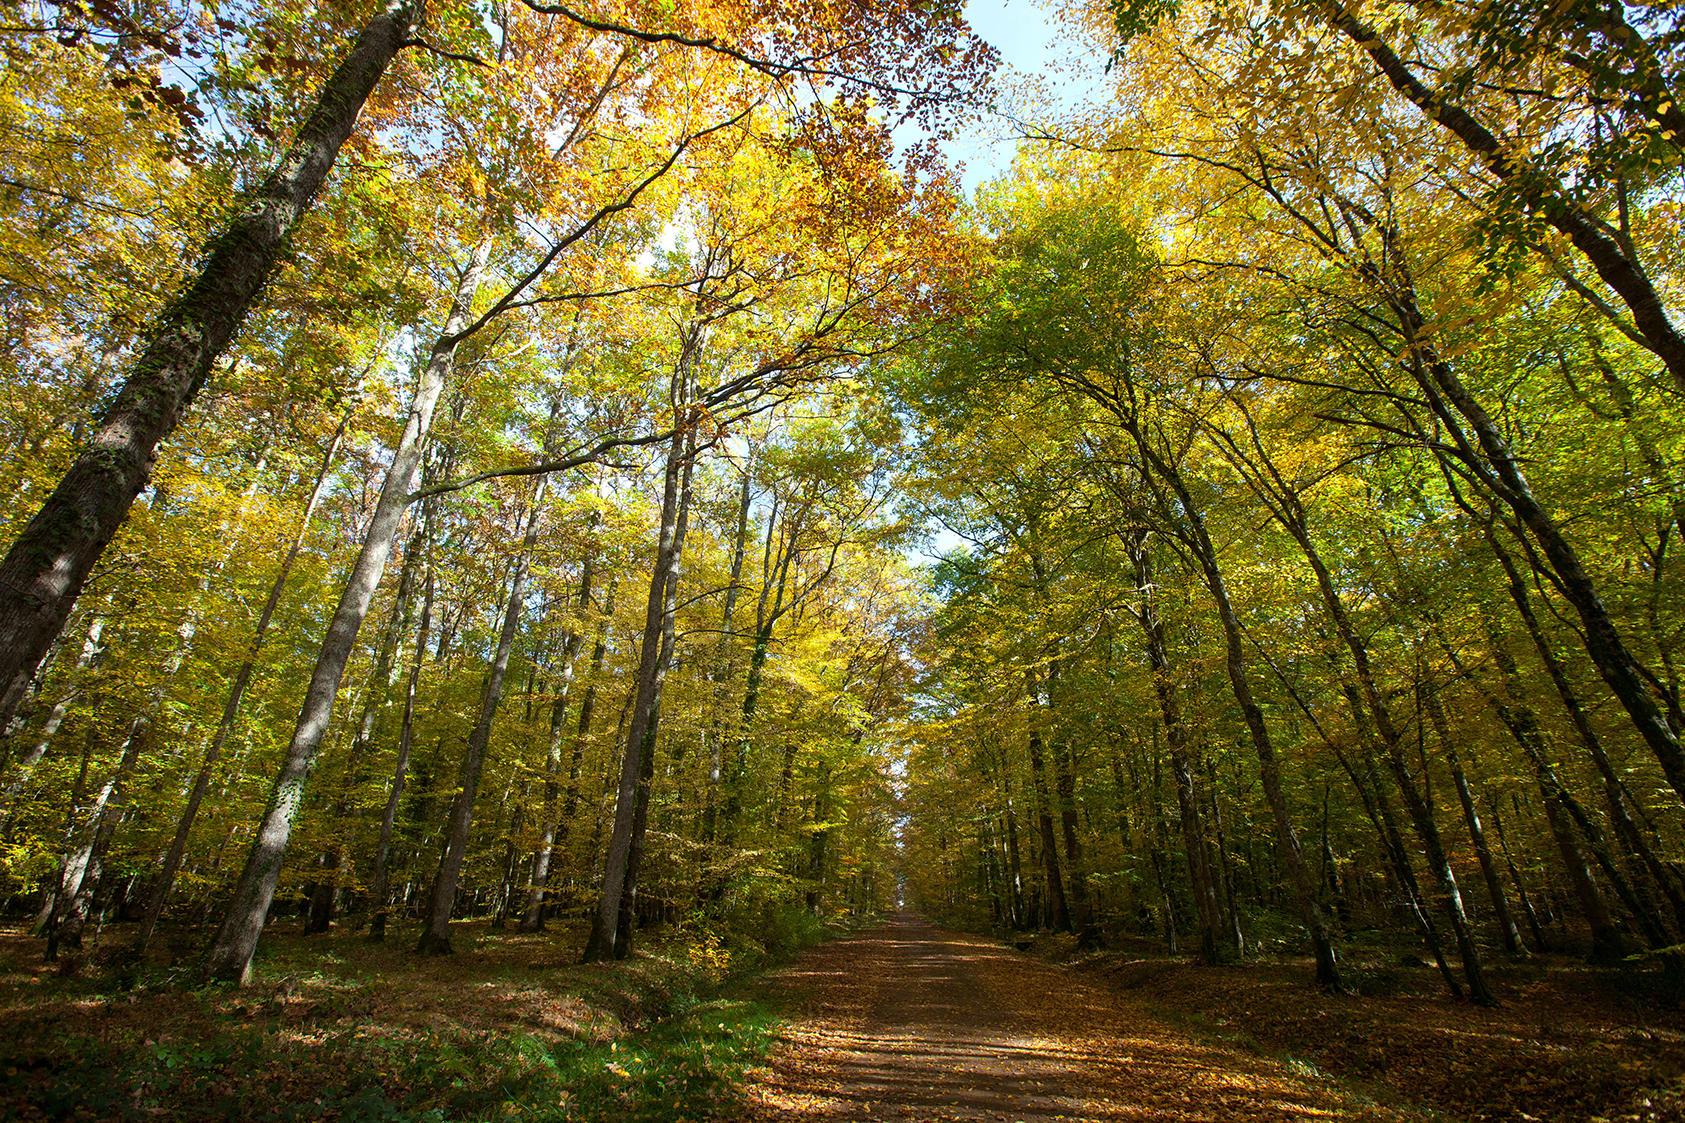 Forêt domaniale du Tronçais dans l'Allier